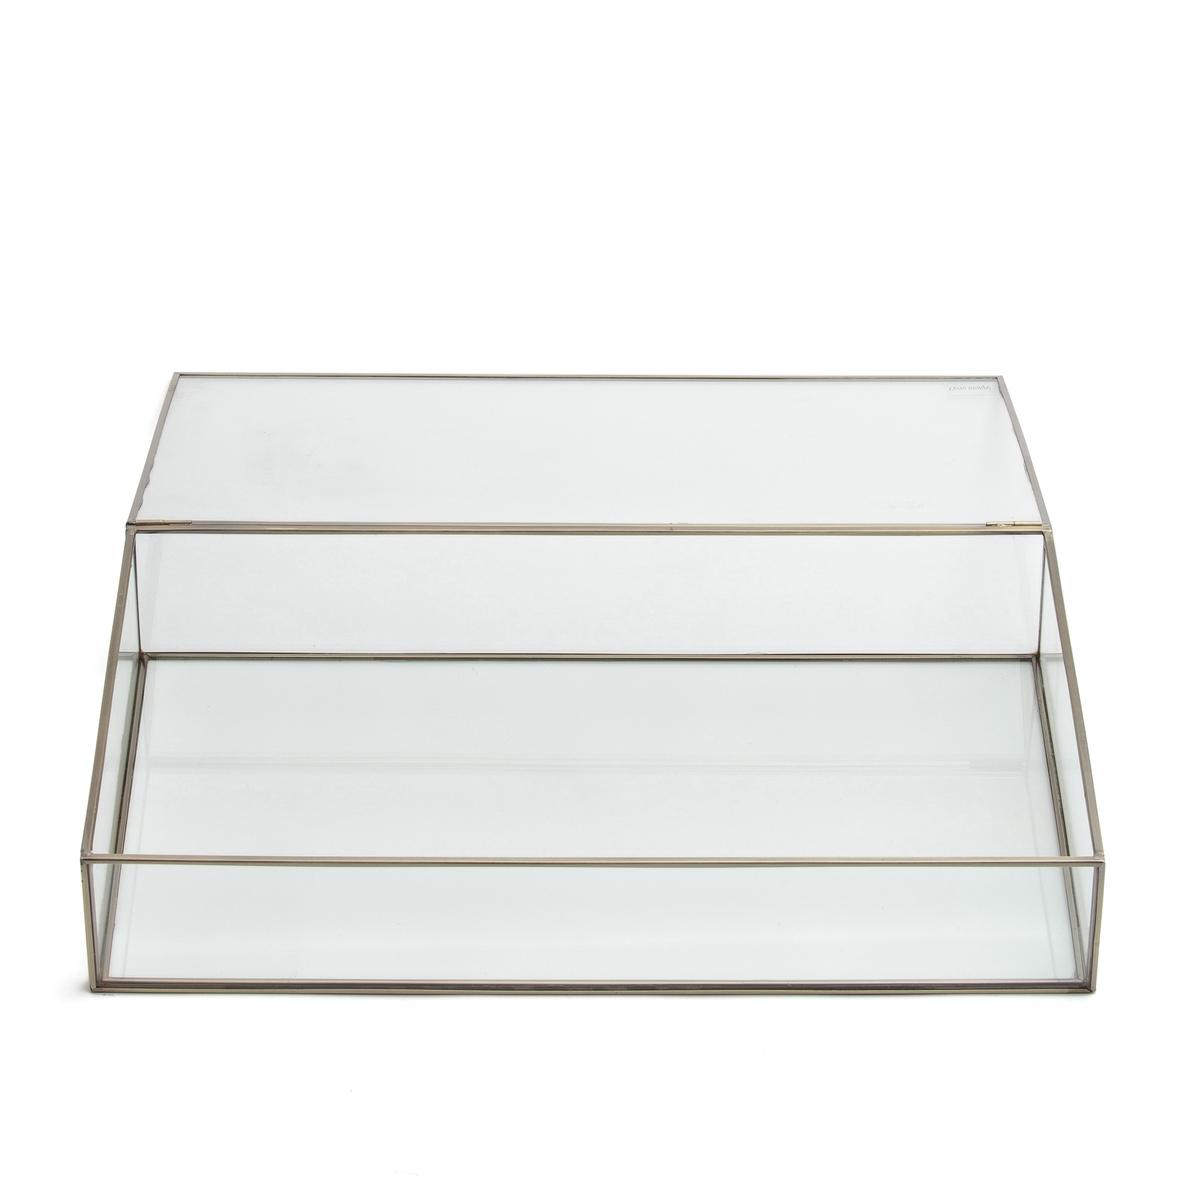 Коробка-витрина Ш.50xВ.9xГ.29 см, DigoriКоробка Digori. Коробка для хранения и демонстрации украшений, драгоценностей и других ценных предметов.Описание  :- Из стекла и металла с отделкой под латунь или оружейную сталь с эффектом старения.- Очень качественная отделка :- Ш.50 x В.9 x Г.29 см- Толщина стекла : 0,4 мм<br><br>Цвет: золотистый